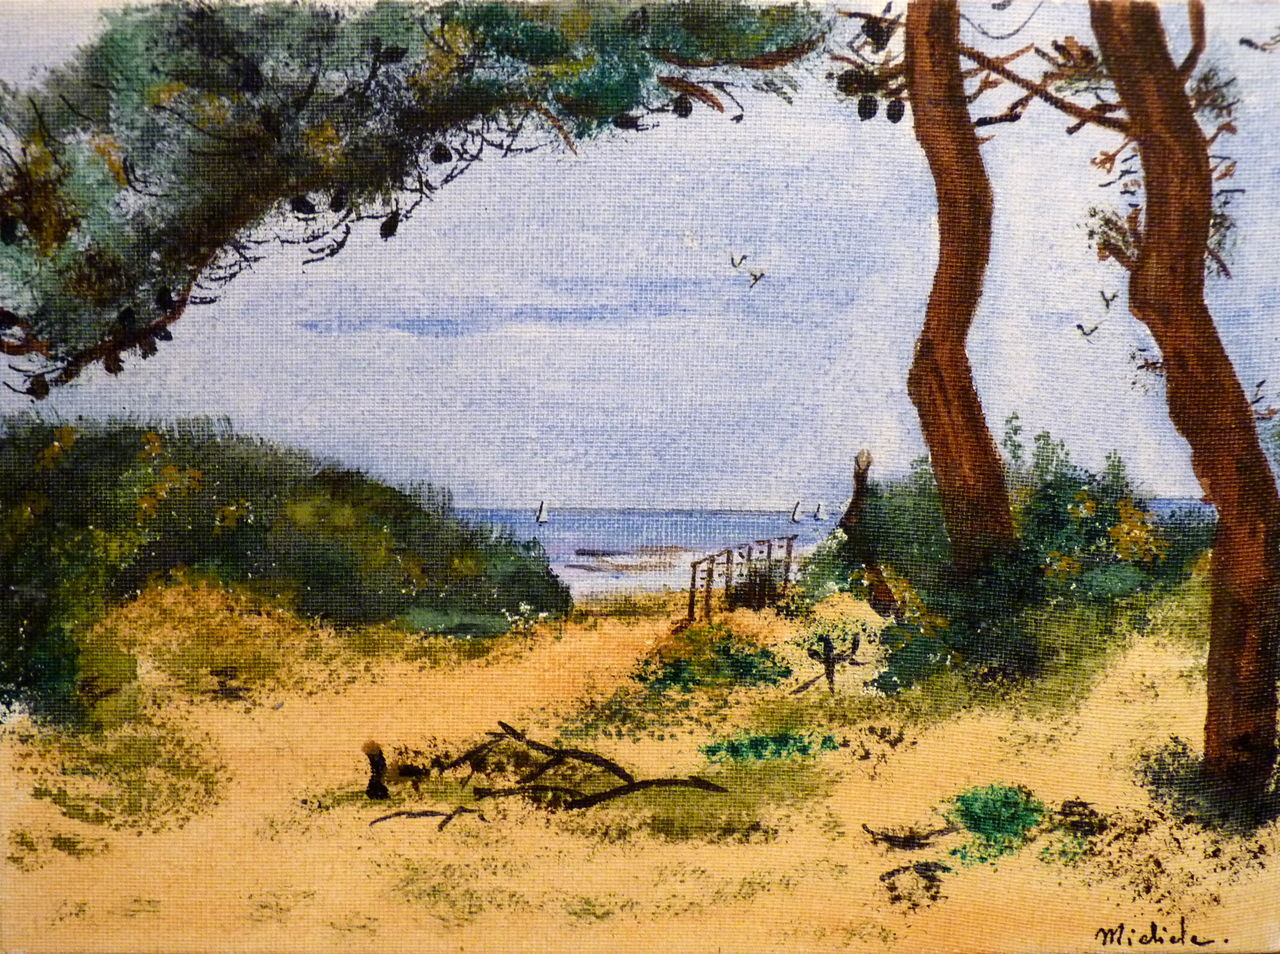 Michele martin L'ocean à jard sur mer.